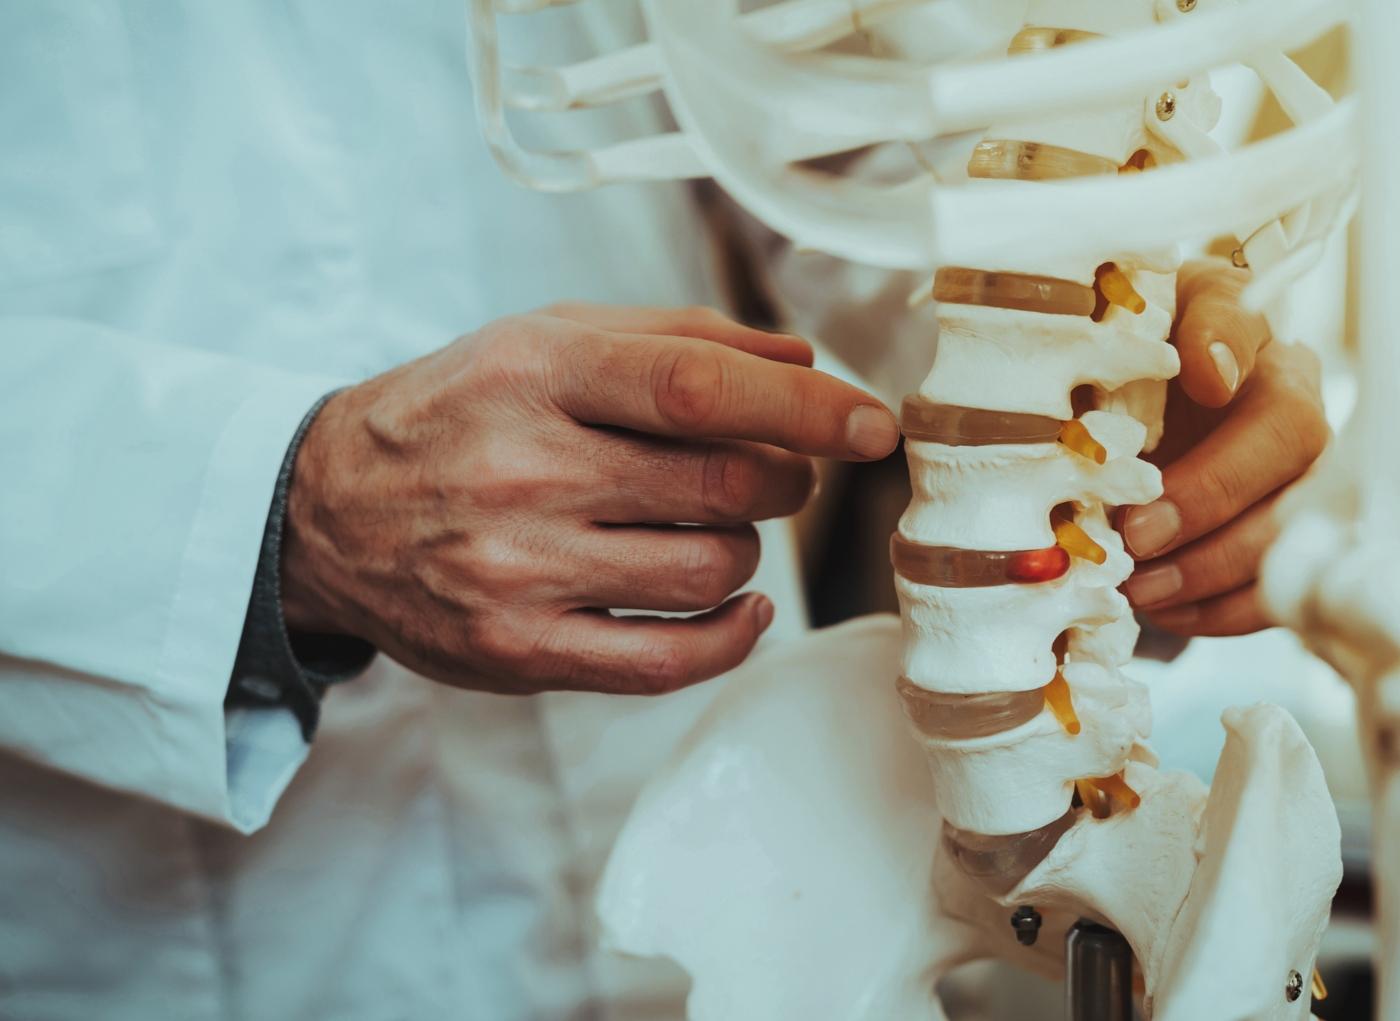 Dor nas costas no lado esquerdo: possíveis causas